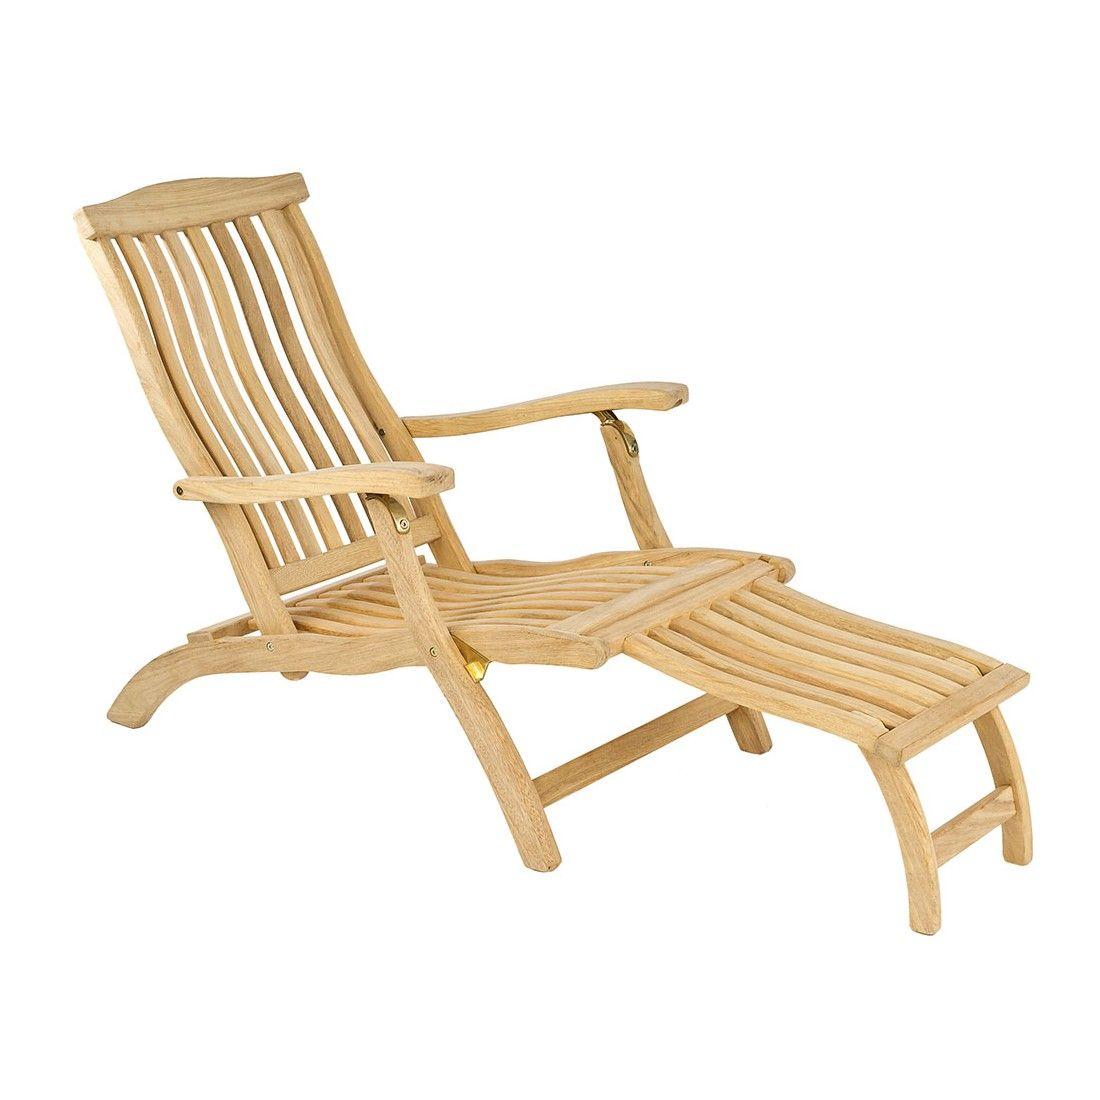 Chaise longue en bois massif, haut de gamme